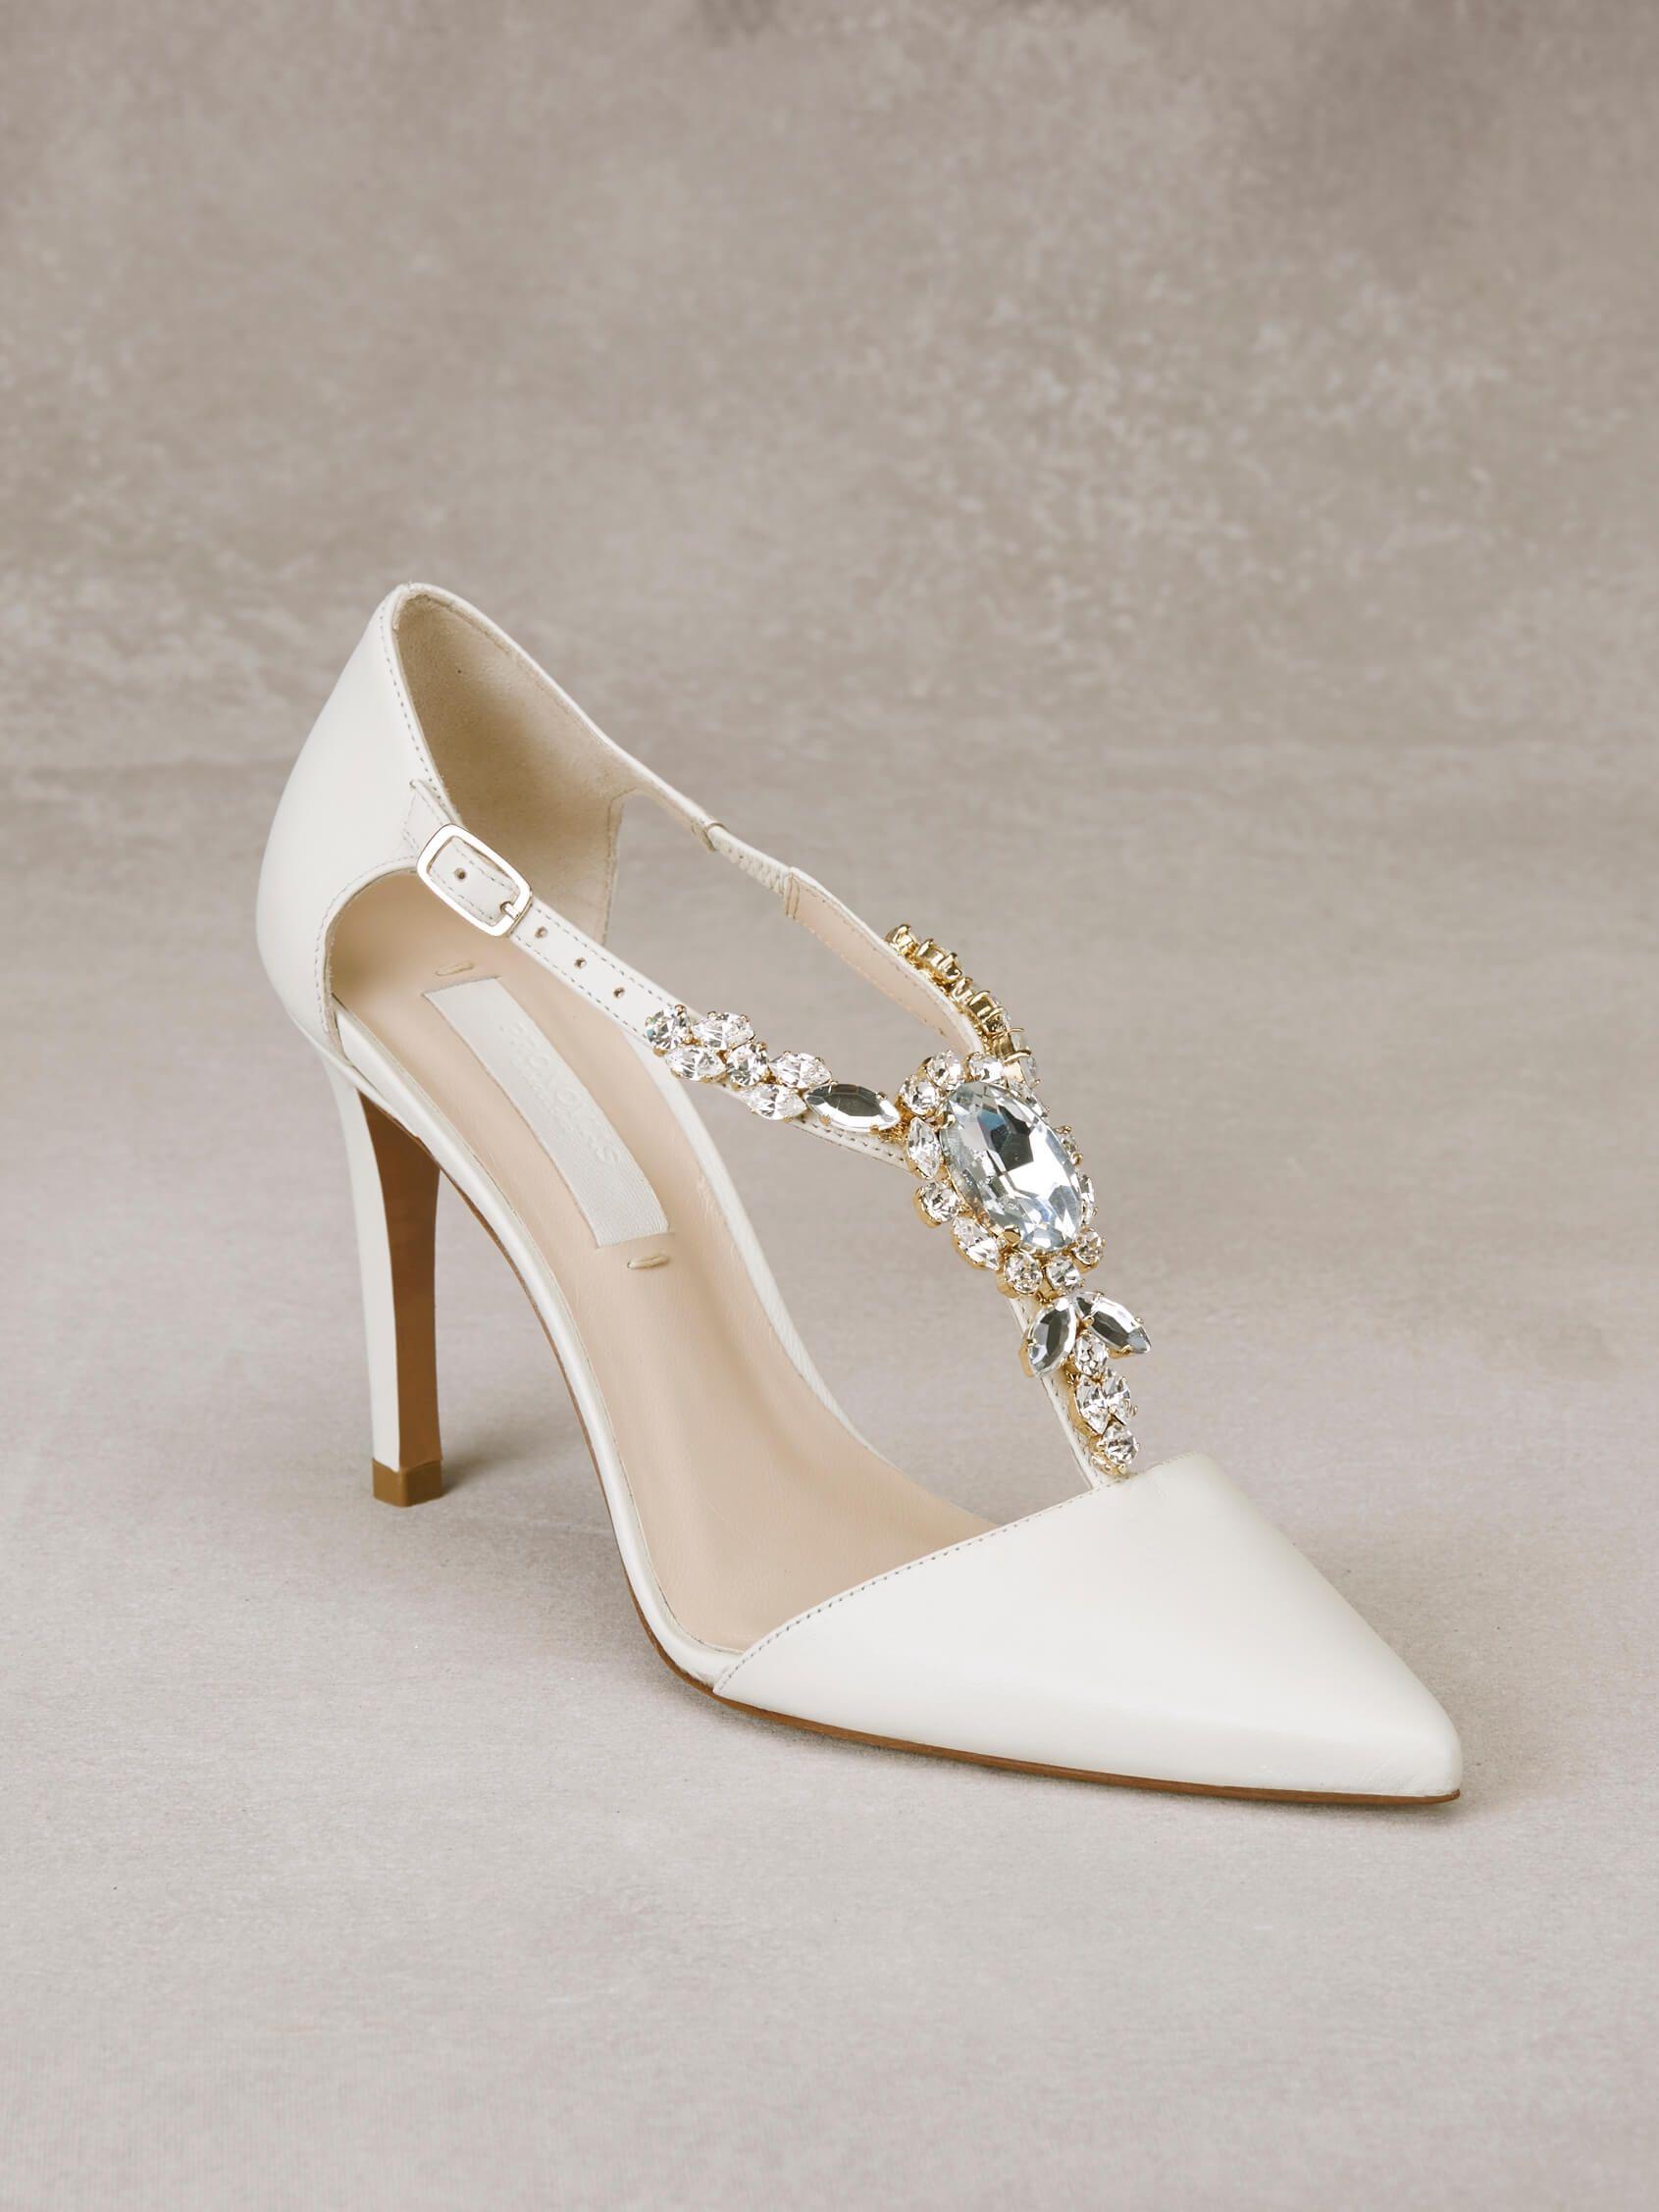 cb6214b57d9 Zapato de Pronovias (ALDA), categoría novia | Zapatos, Sandalias y ...